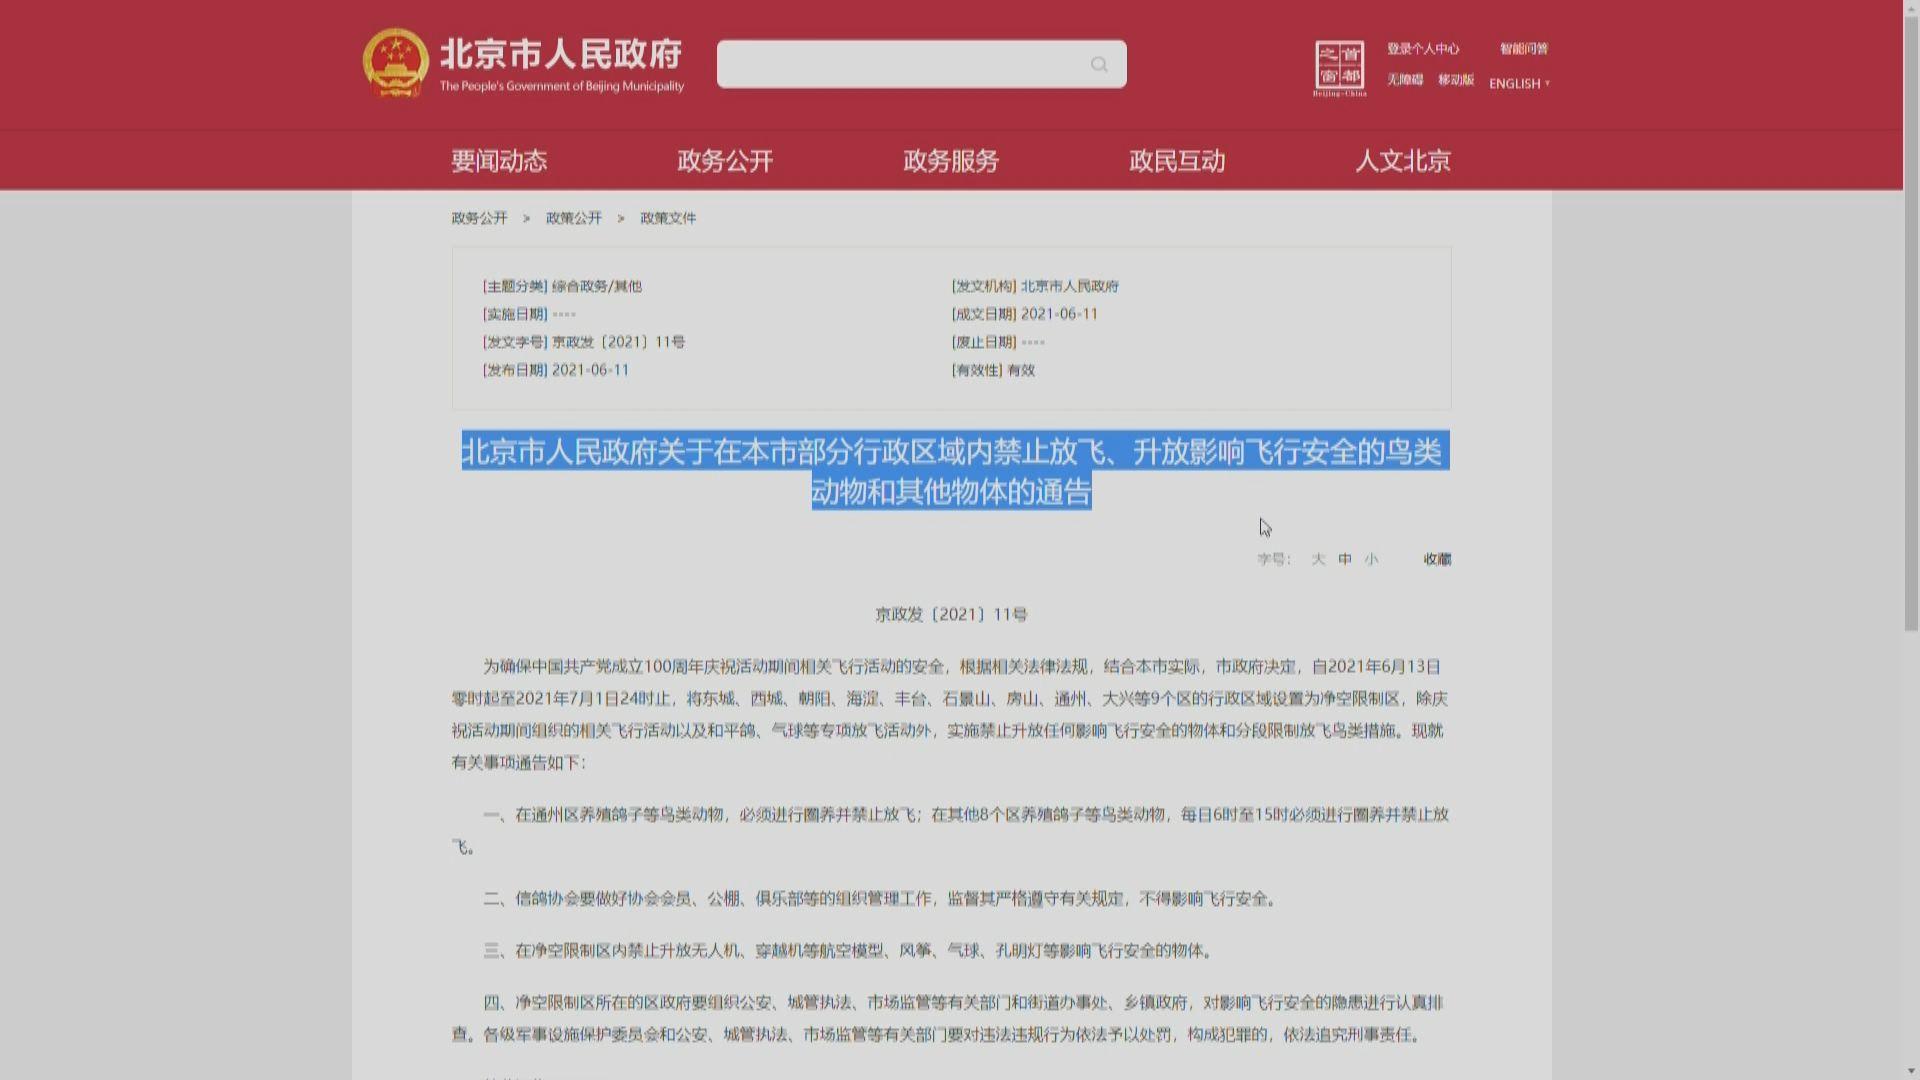 中共建黨百周年慶祝大會演練 北京部分路段封閉